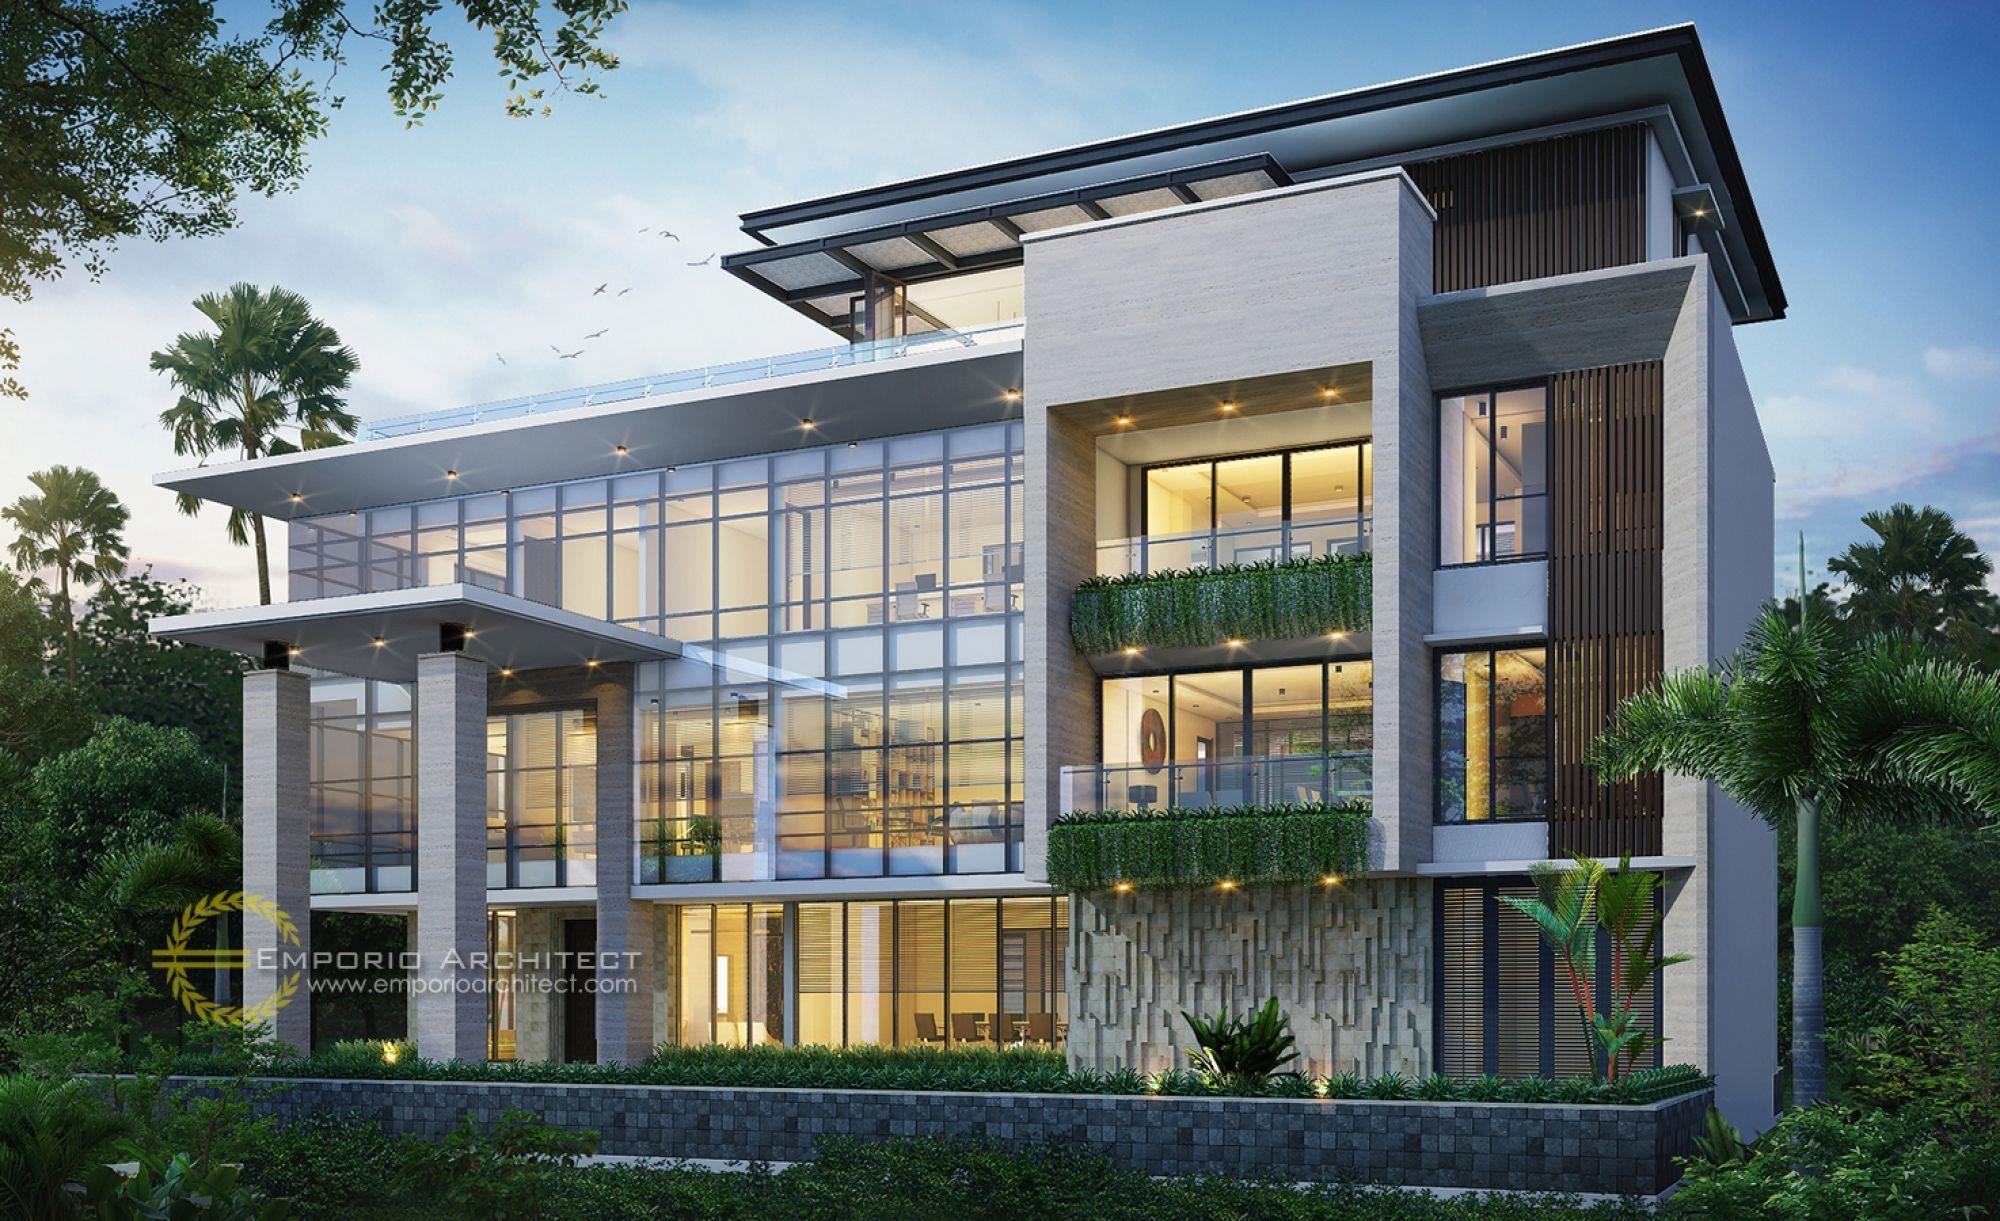 Desain Fasad Eksterior Rumah Desain Kantor Modern Bangunan kantor modern